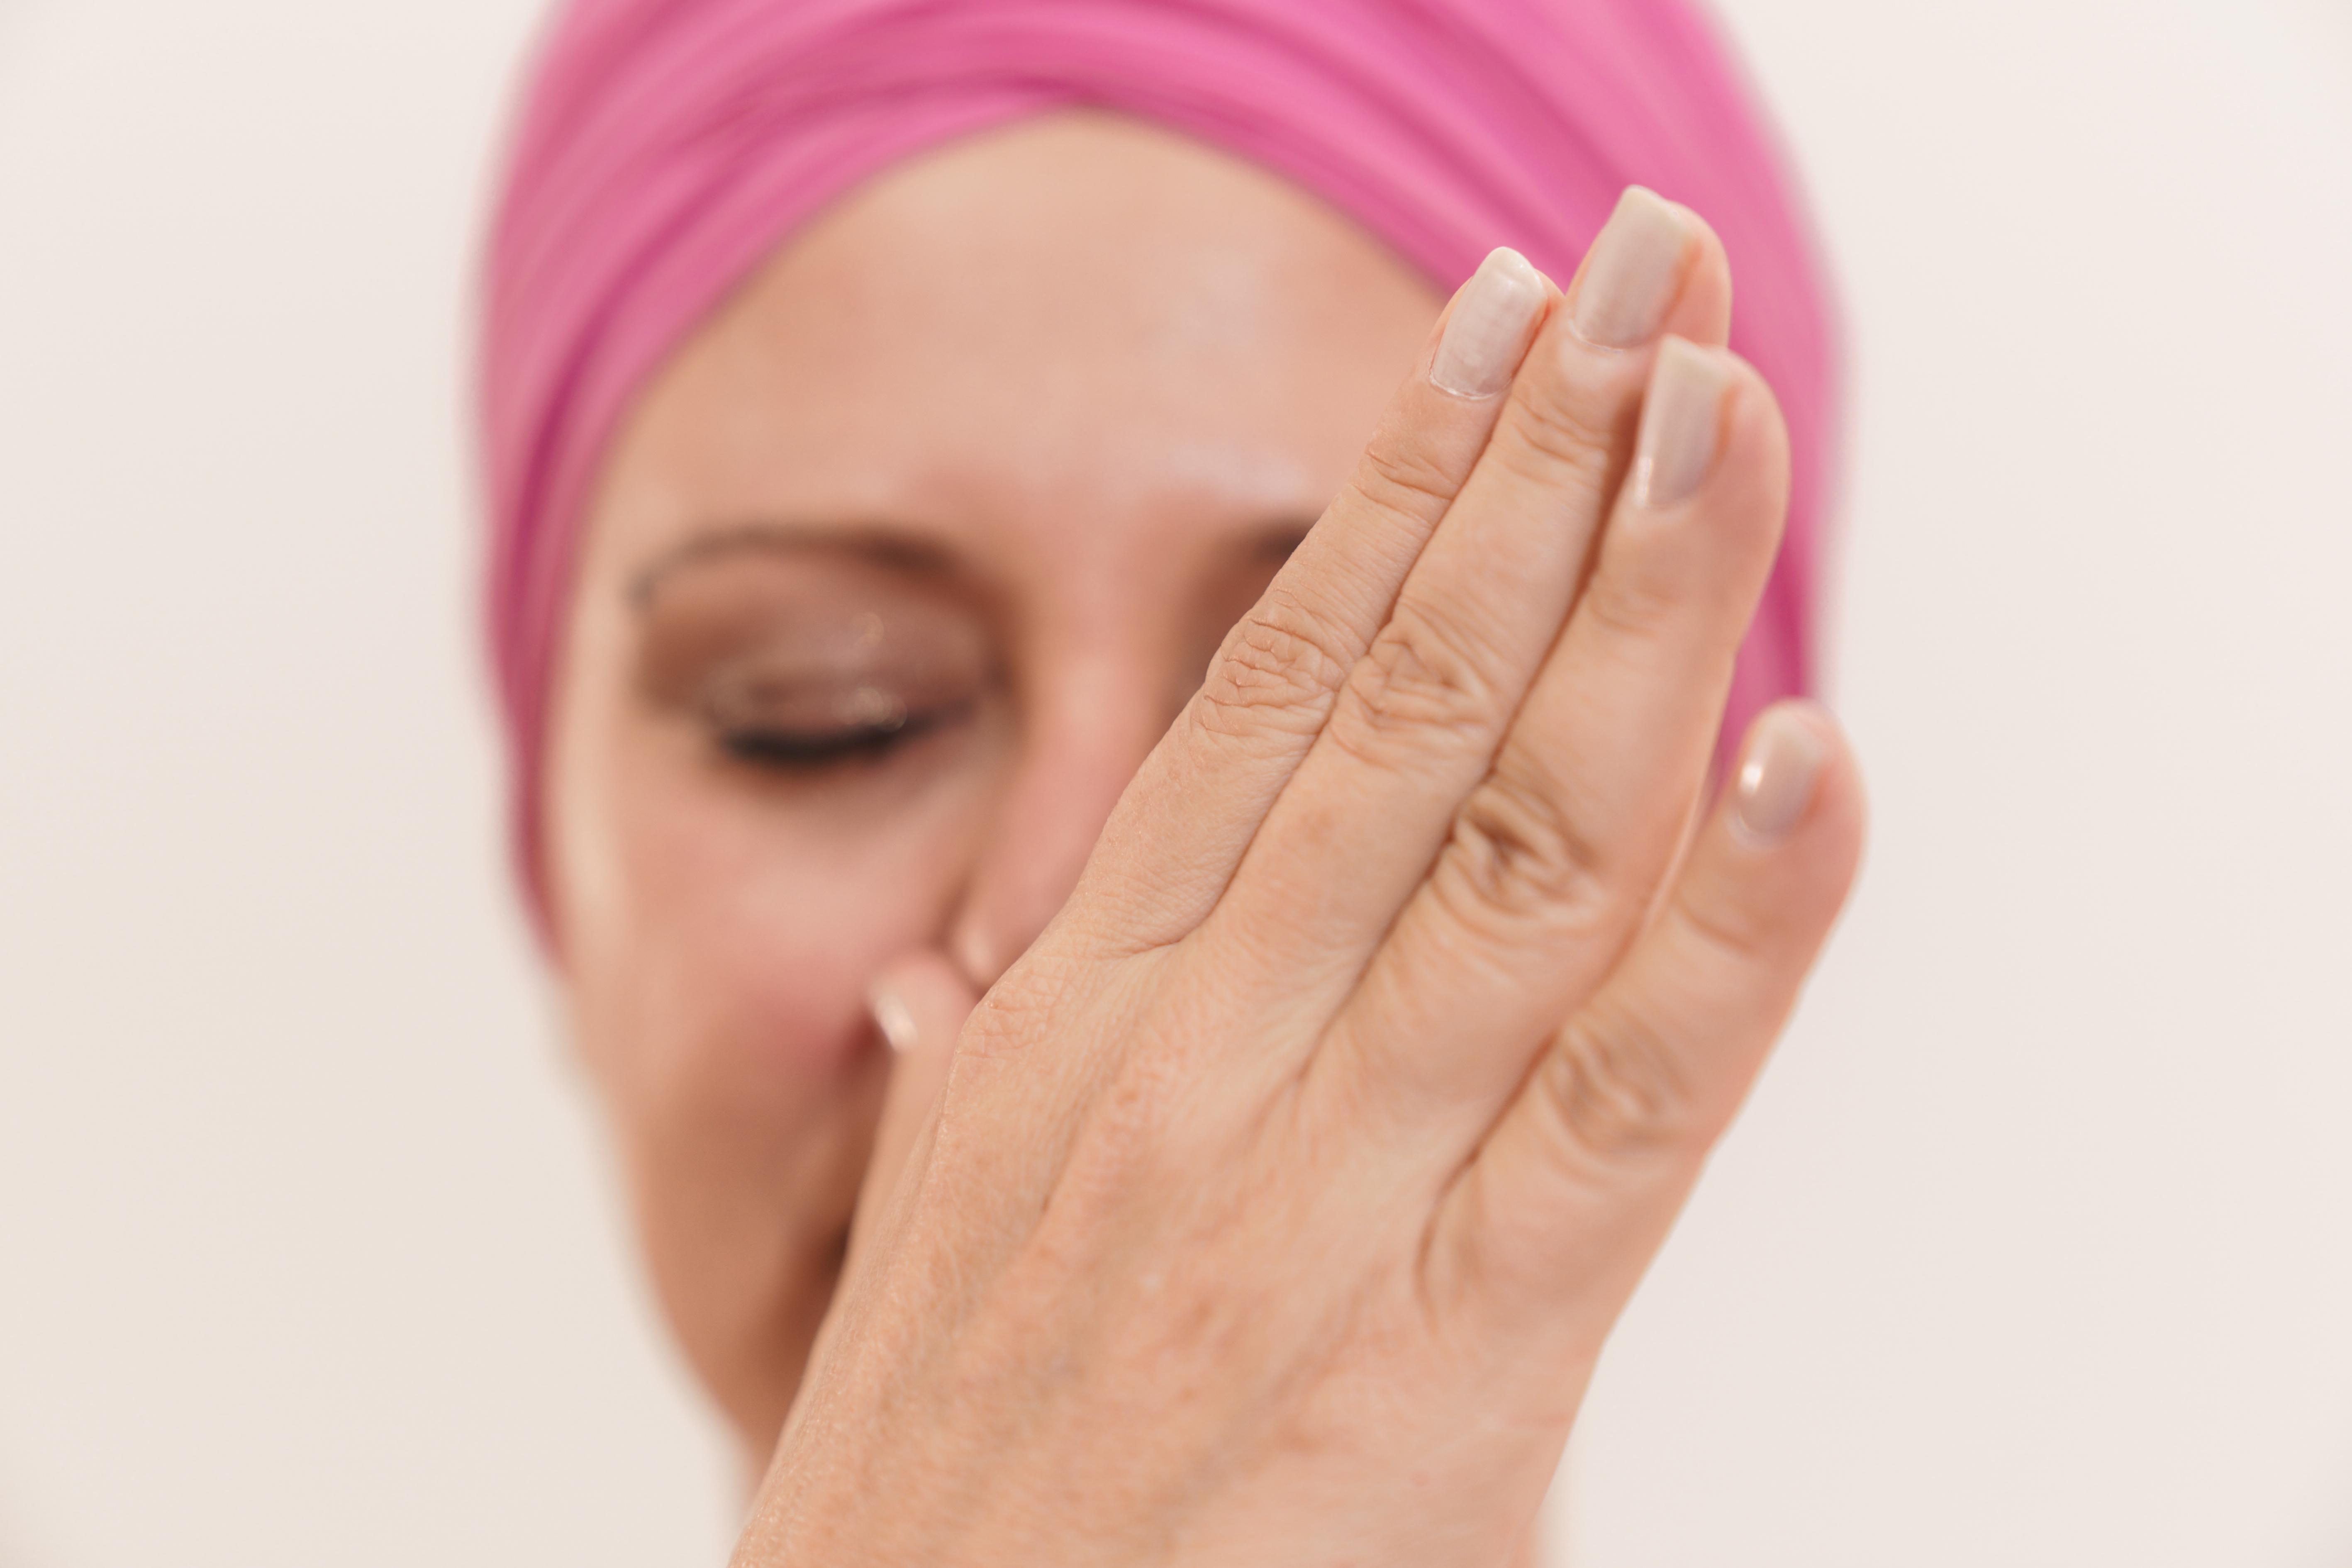 dettaglio di donna che respira dalla narice sinistra, scopri come addormentarsi con serenità con il pranayama